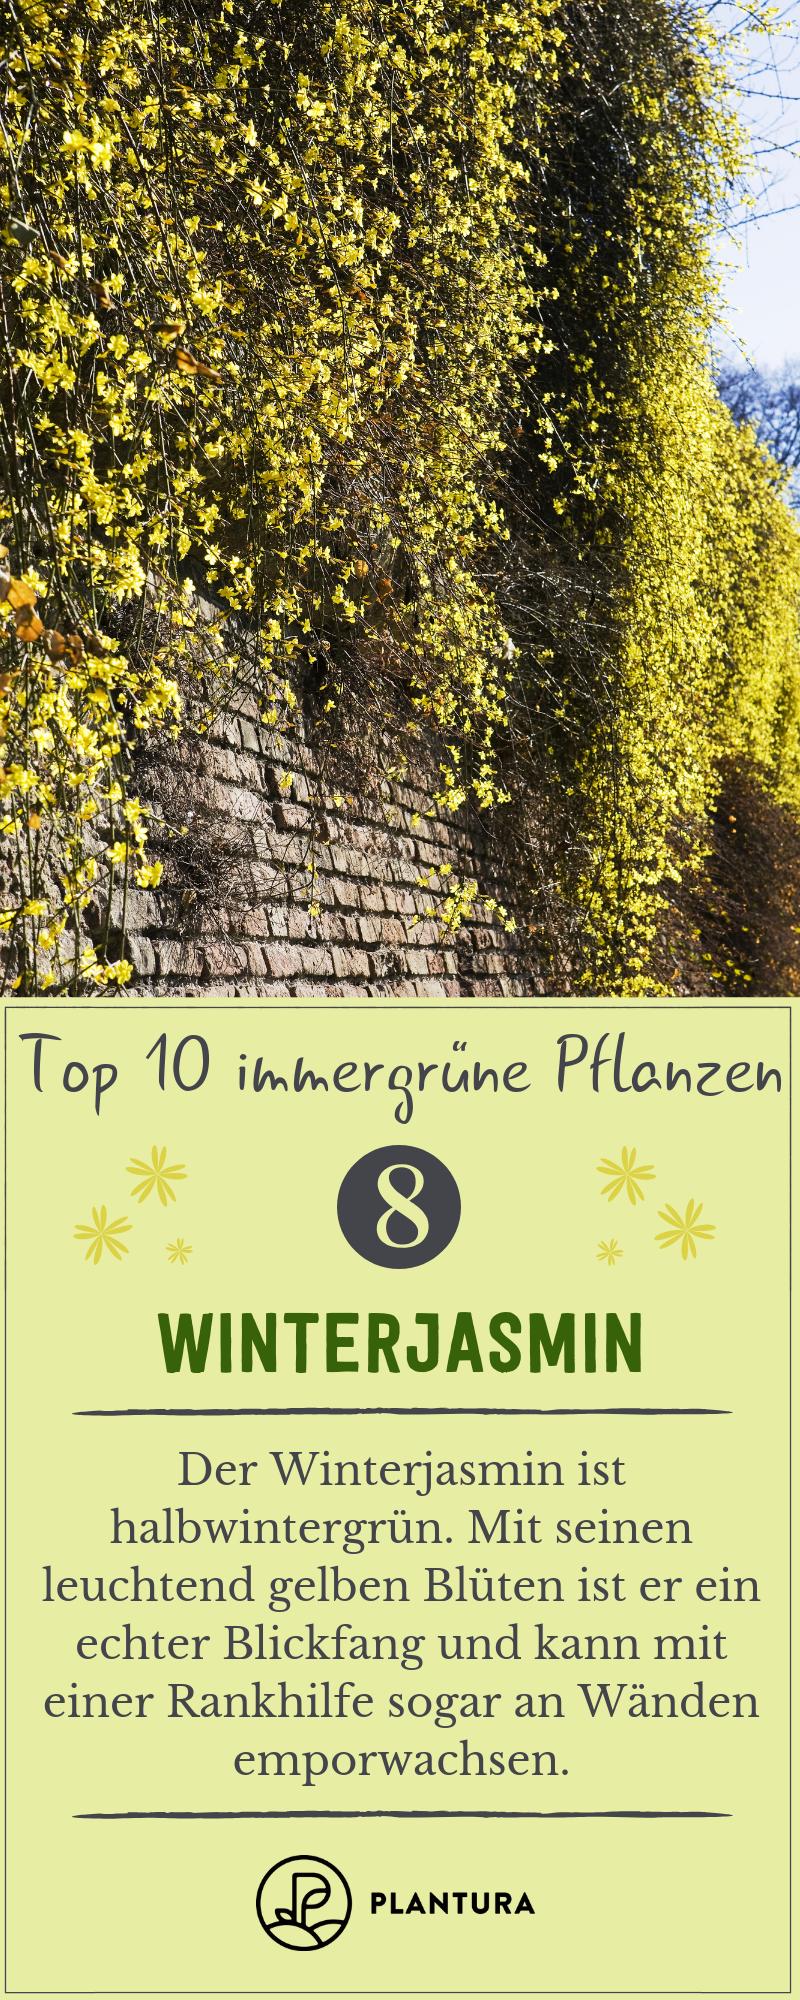 Immergrüne Pflanzen: Die 10 besten für den Garten - Plantura